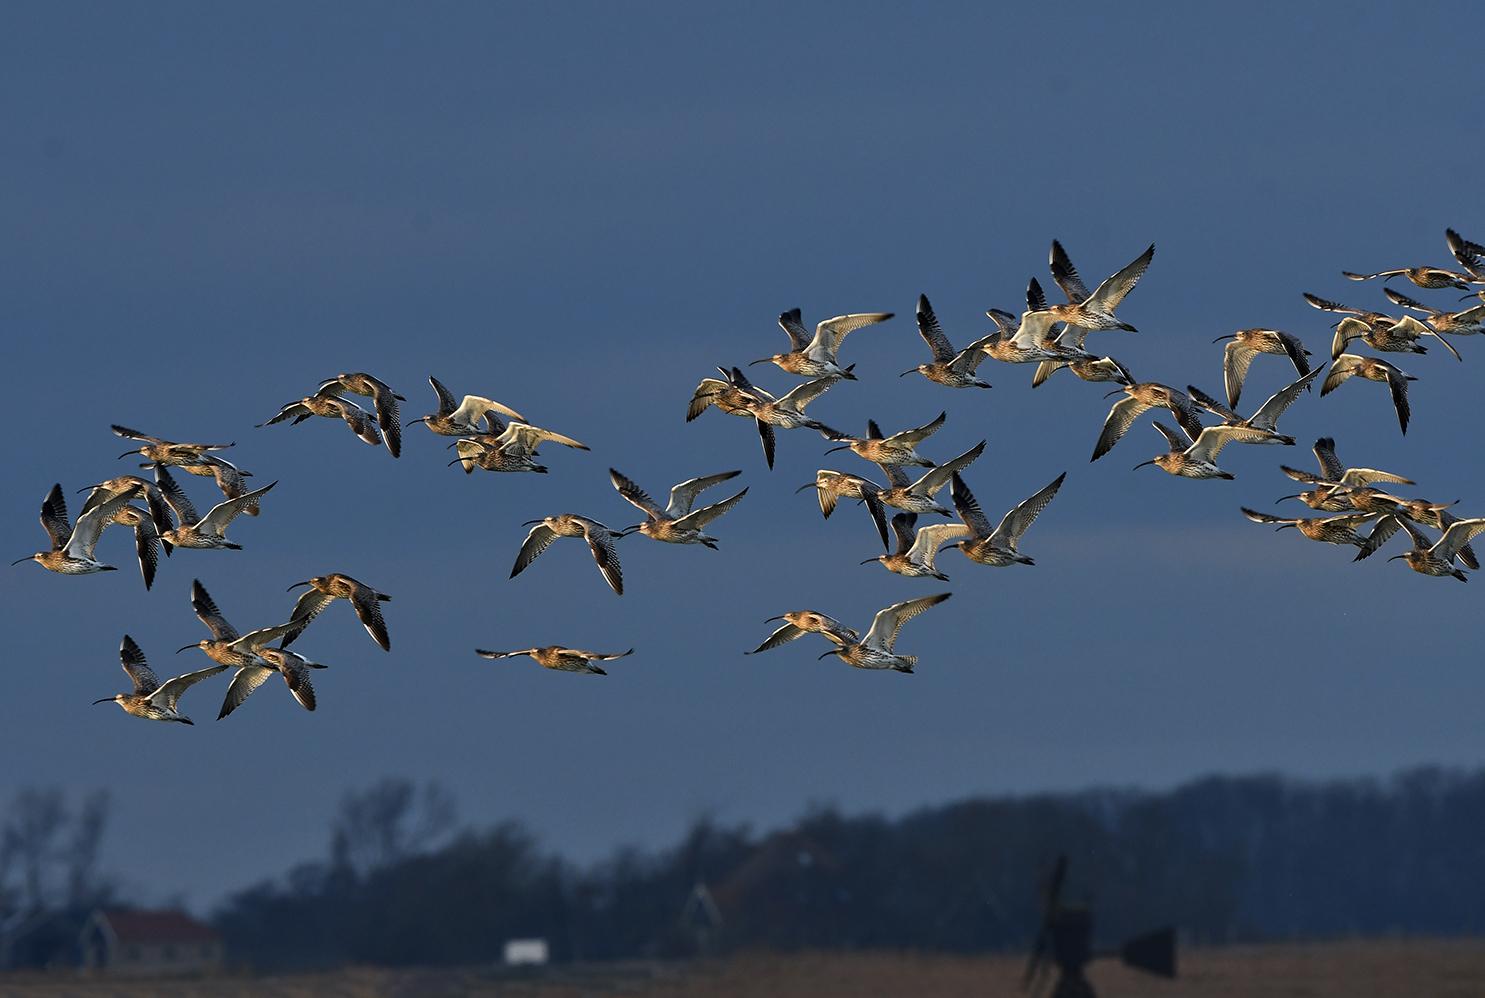 Kijk naar de vogels in de lucht.... een vlucht Regenwulpen – Foto: ©Louis Fraanje